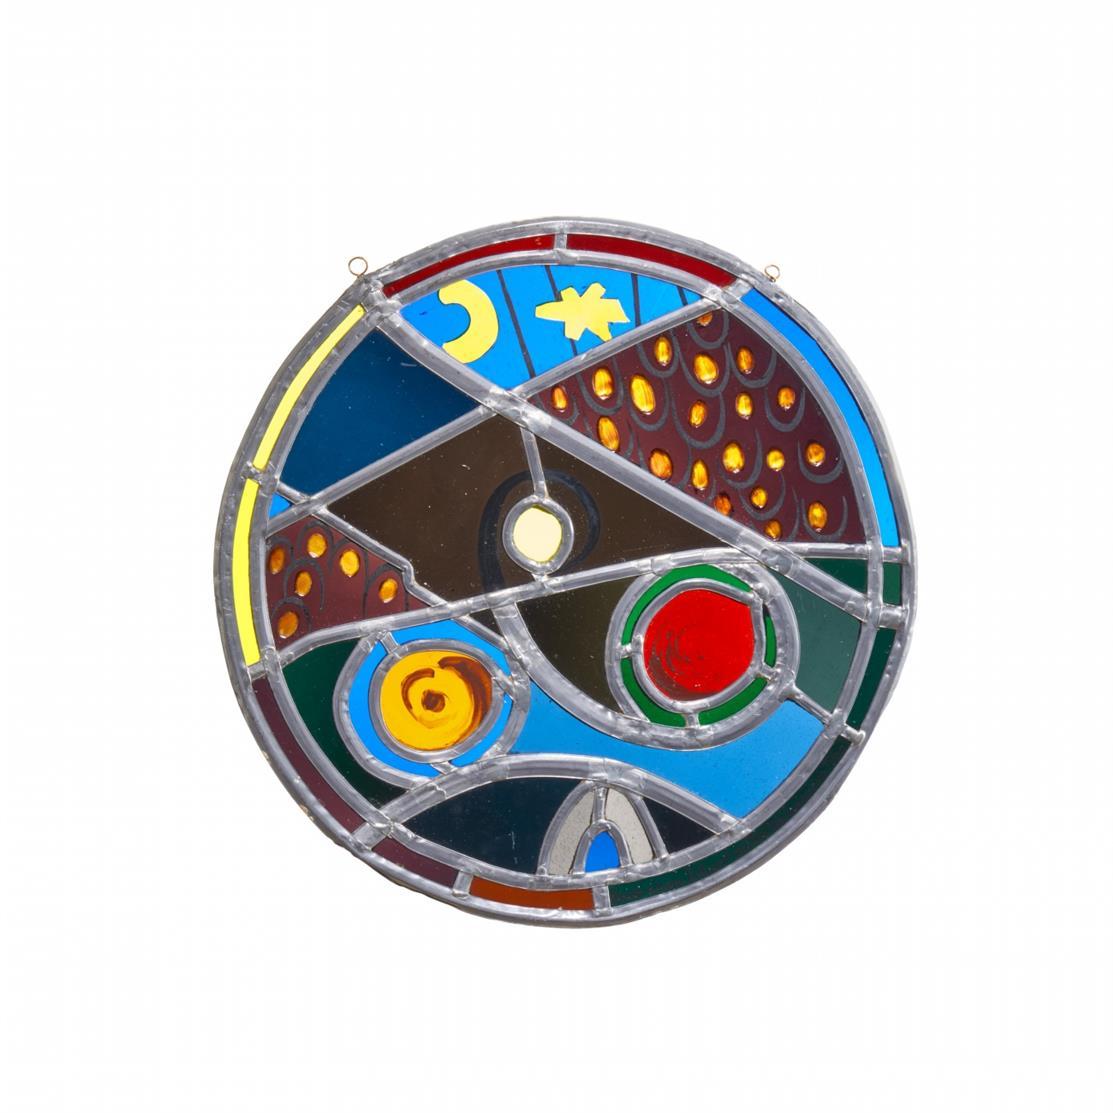 Ida Kerkovius, nach. Kosmisches II. Sonne, Mond und Sterne. 2 Glasfenster mit Bleiverglasung, teils bemalt, nach Entwürfen aus den 1960er Jahren. Ex. 19 bzw. 15/30. Mit Schwarzlot bezeichnet.